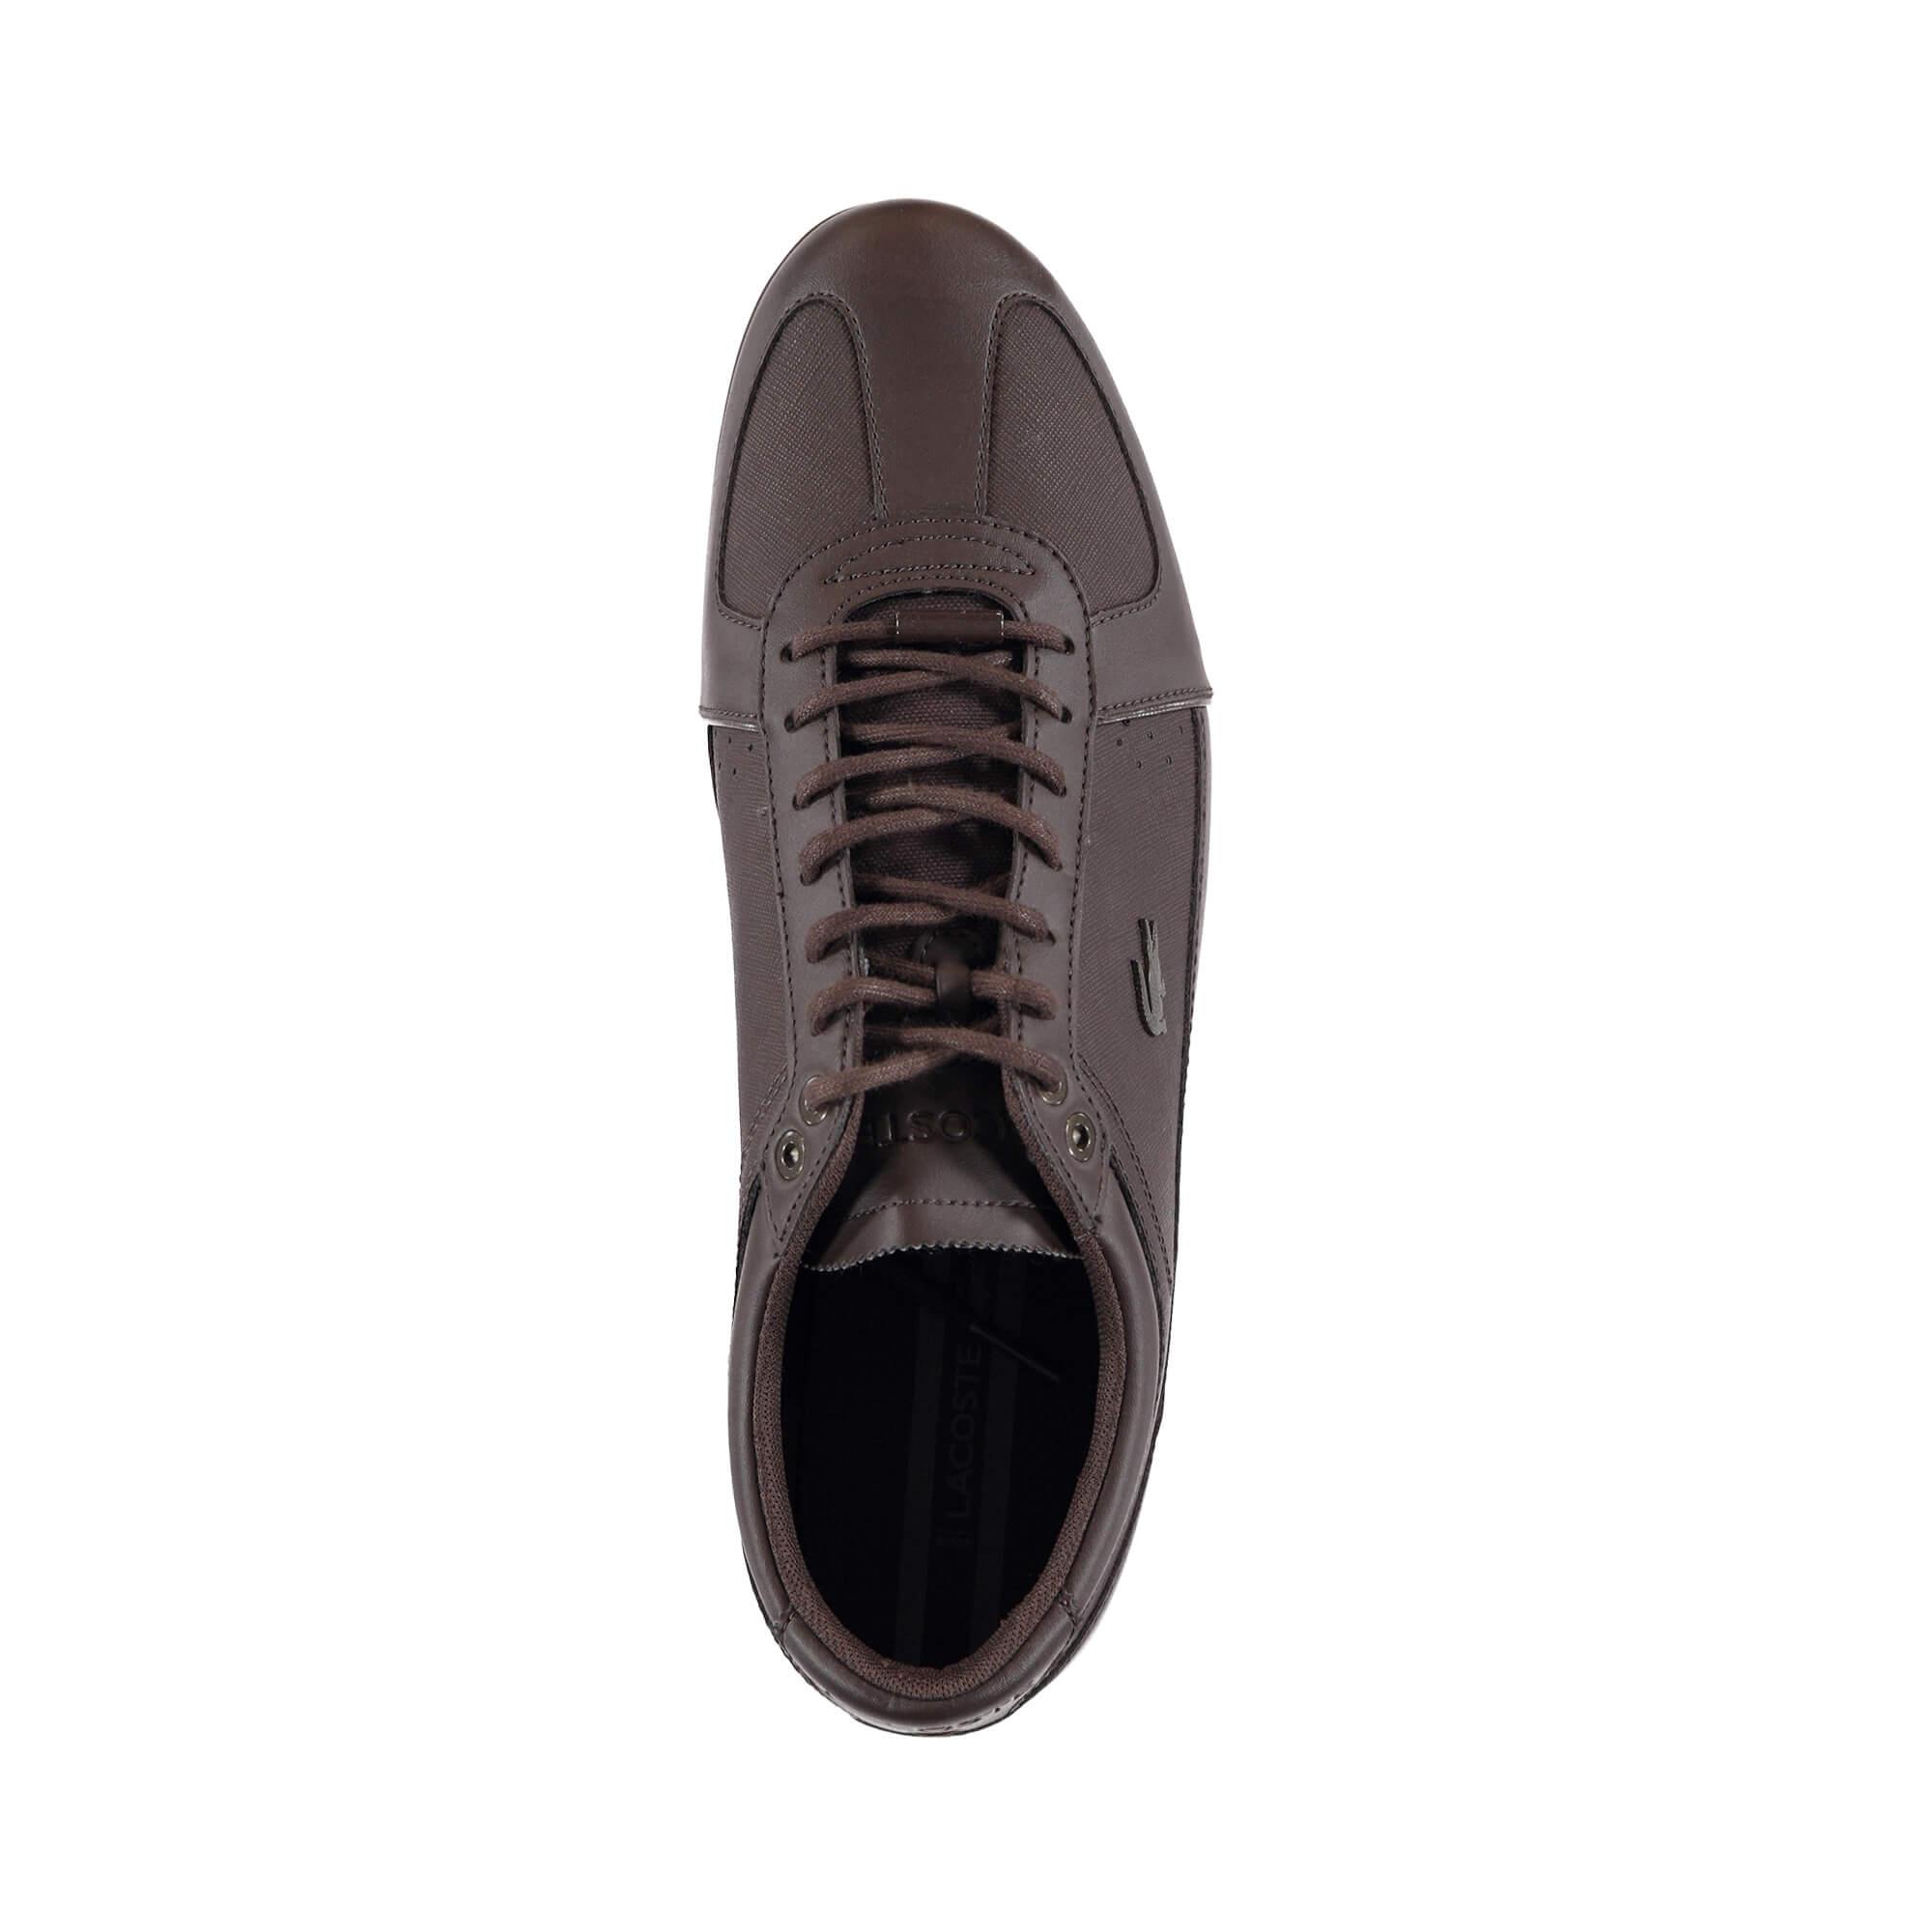 Lacoste Men's Evara 318 1 Casual Shoes